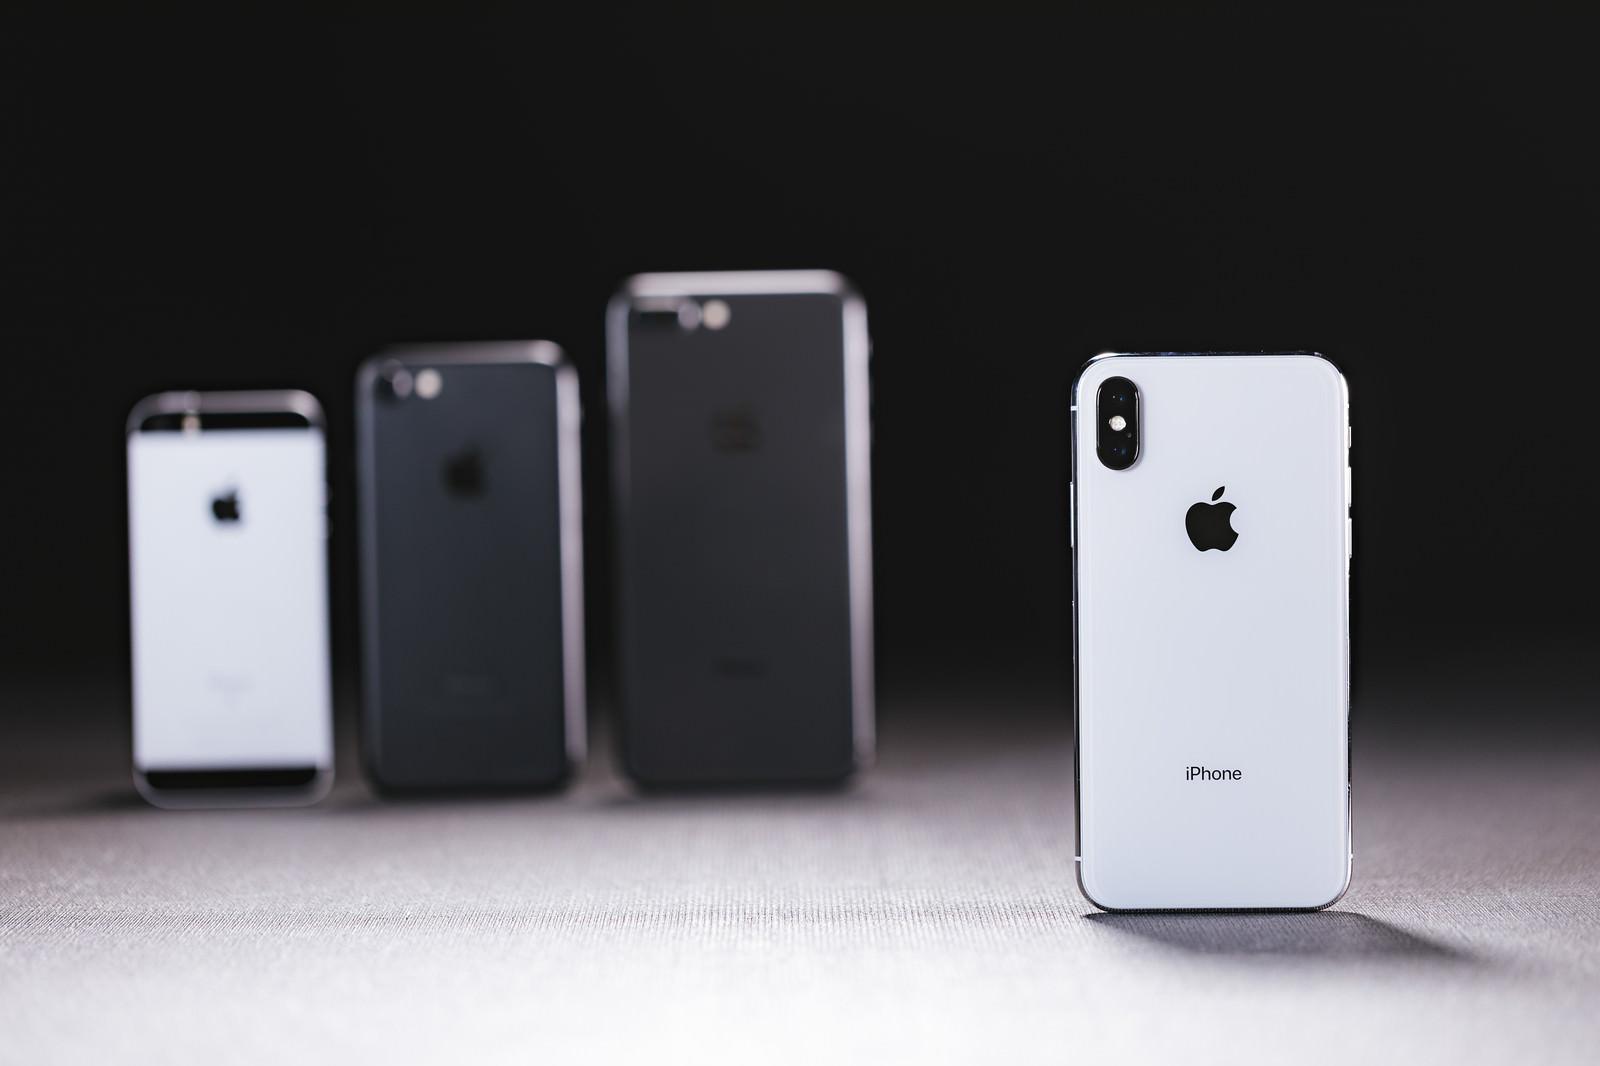 「旧モデルの iPhone と最新の iPhone X を並べる」の写真